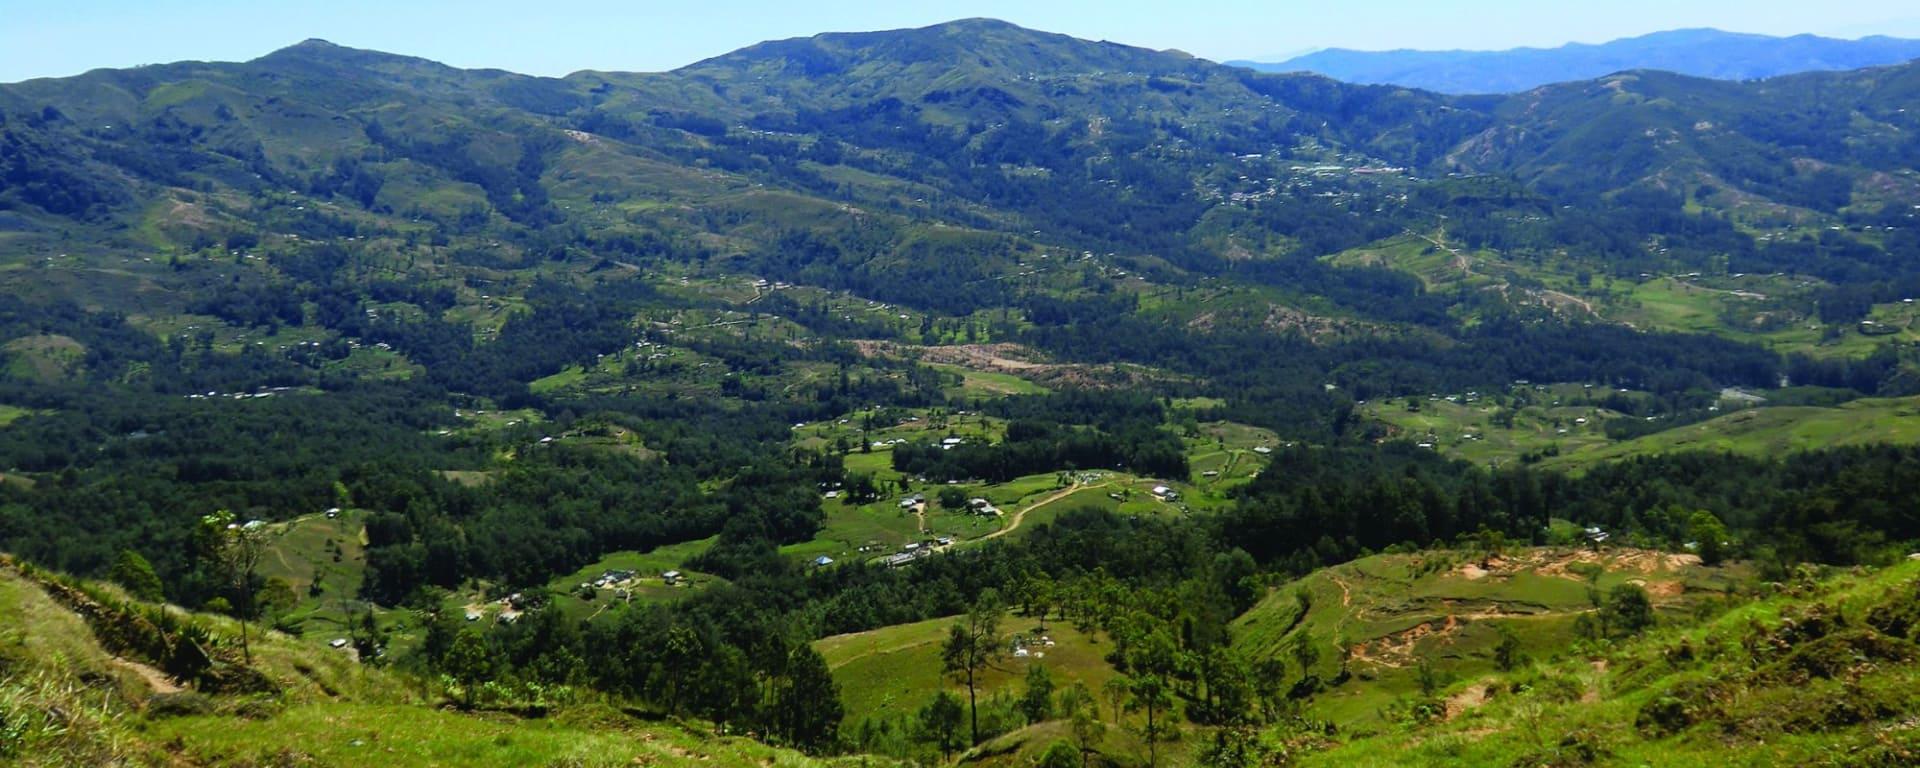 Timor-Leste Reisen und Ferien von tourasia: Maubisse